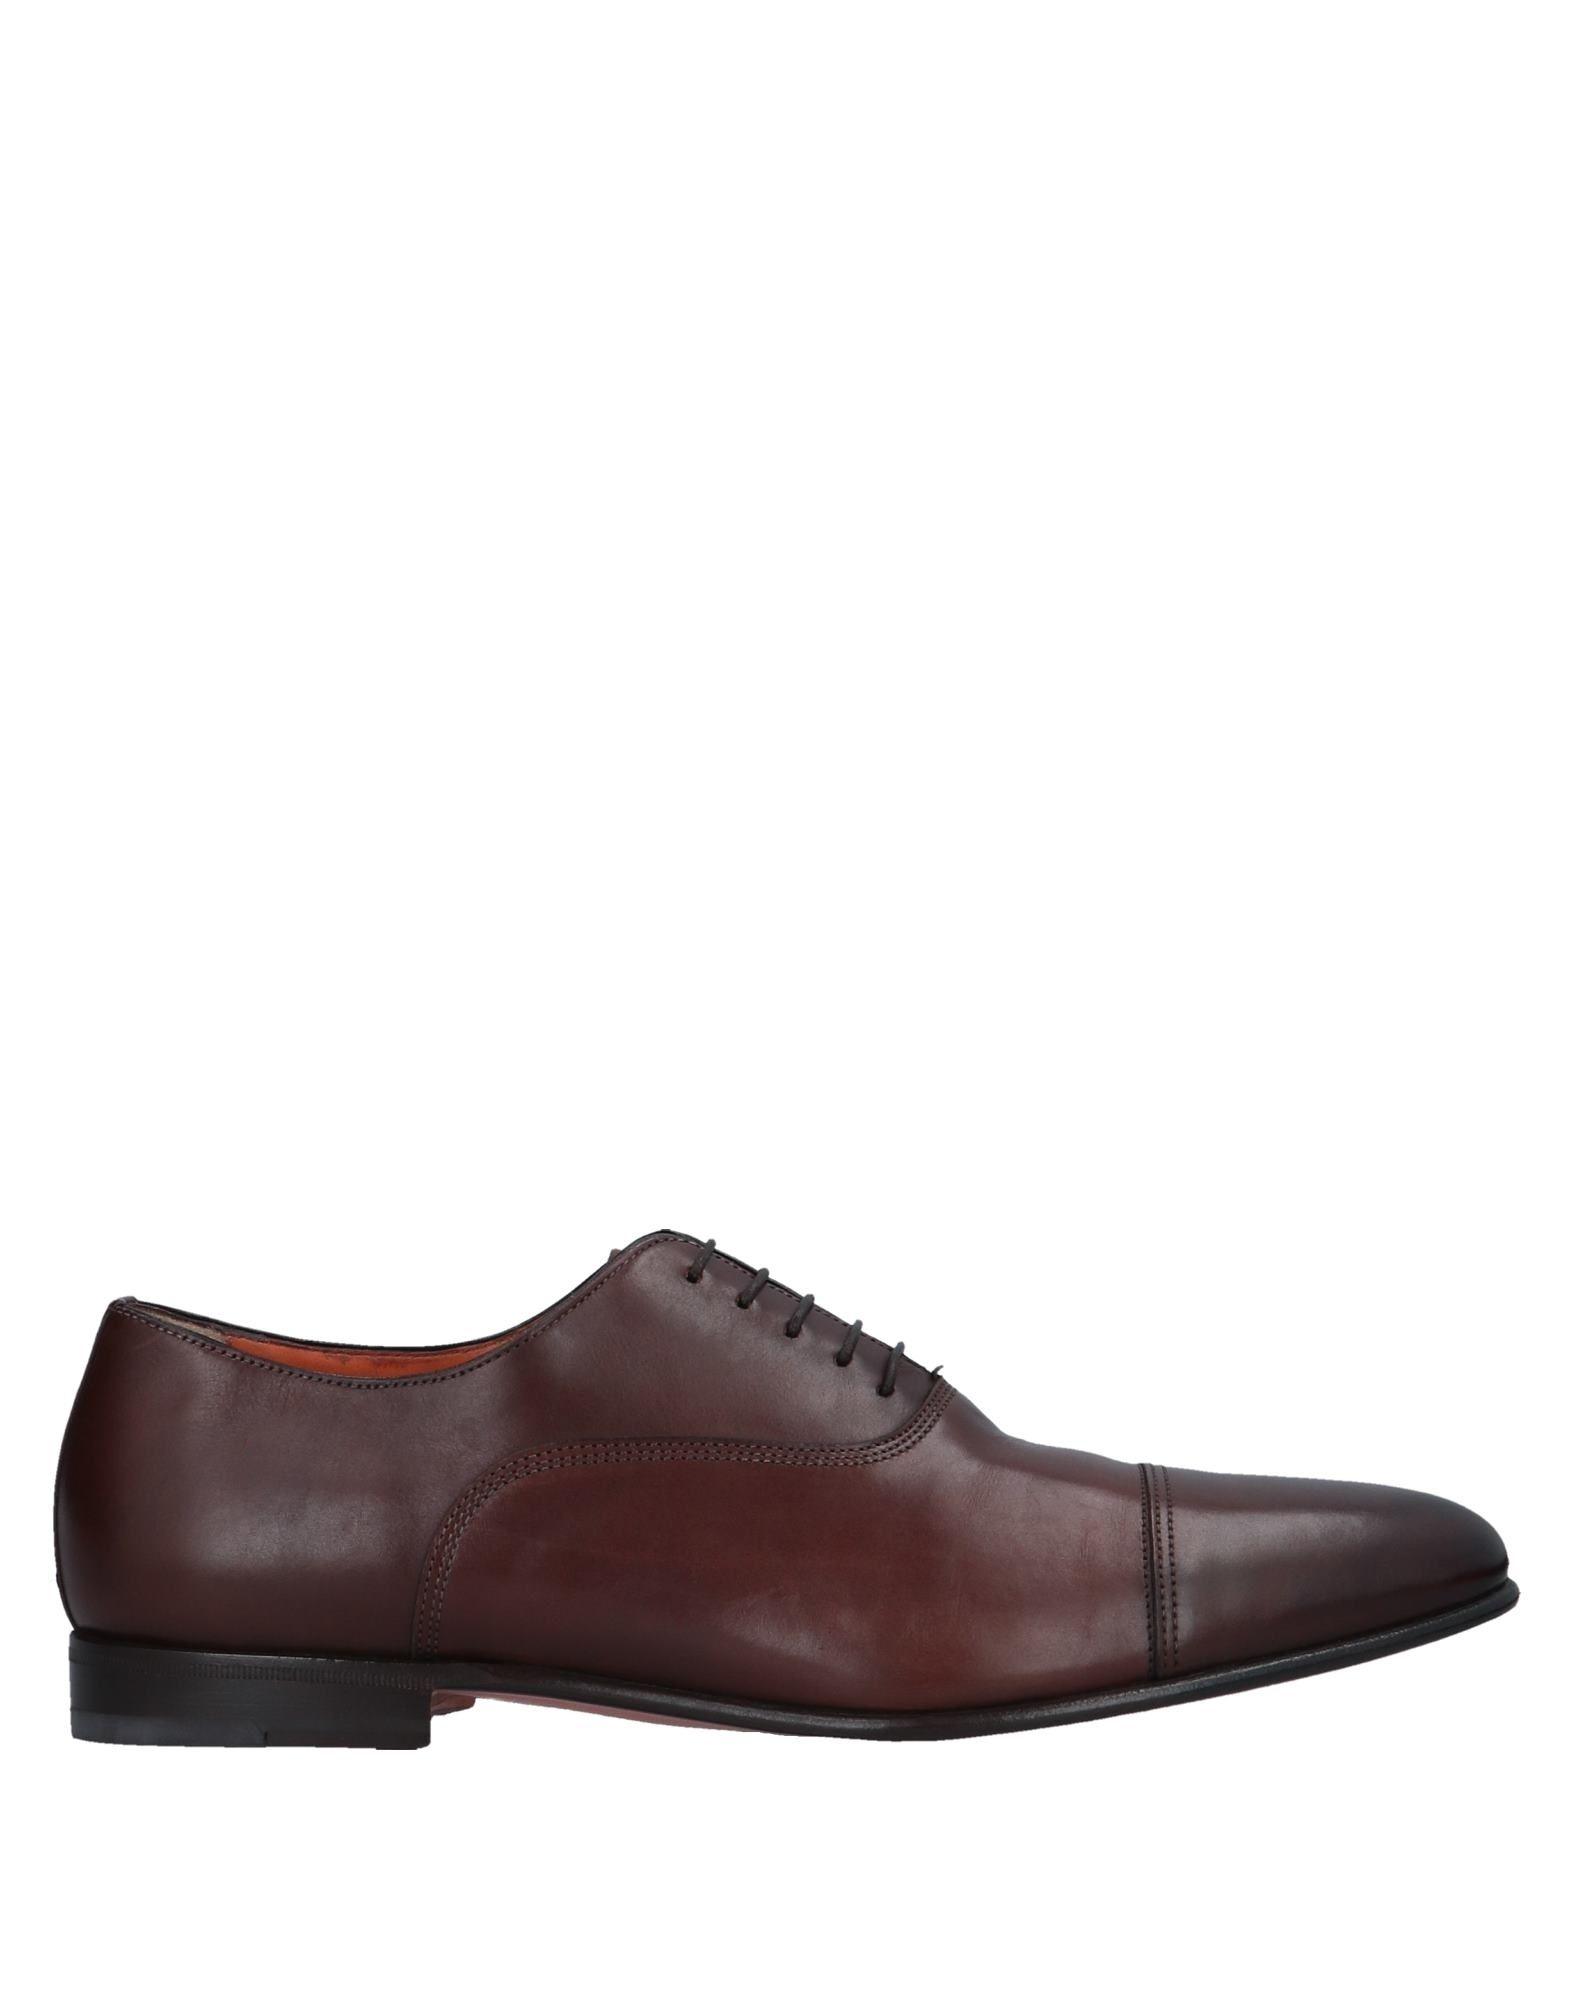 Santoni Schnürschuhe Herren  11541480GH Gute Qualität beliebte Schuhe